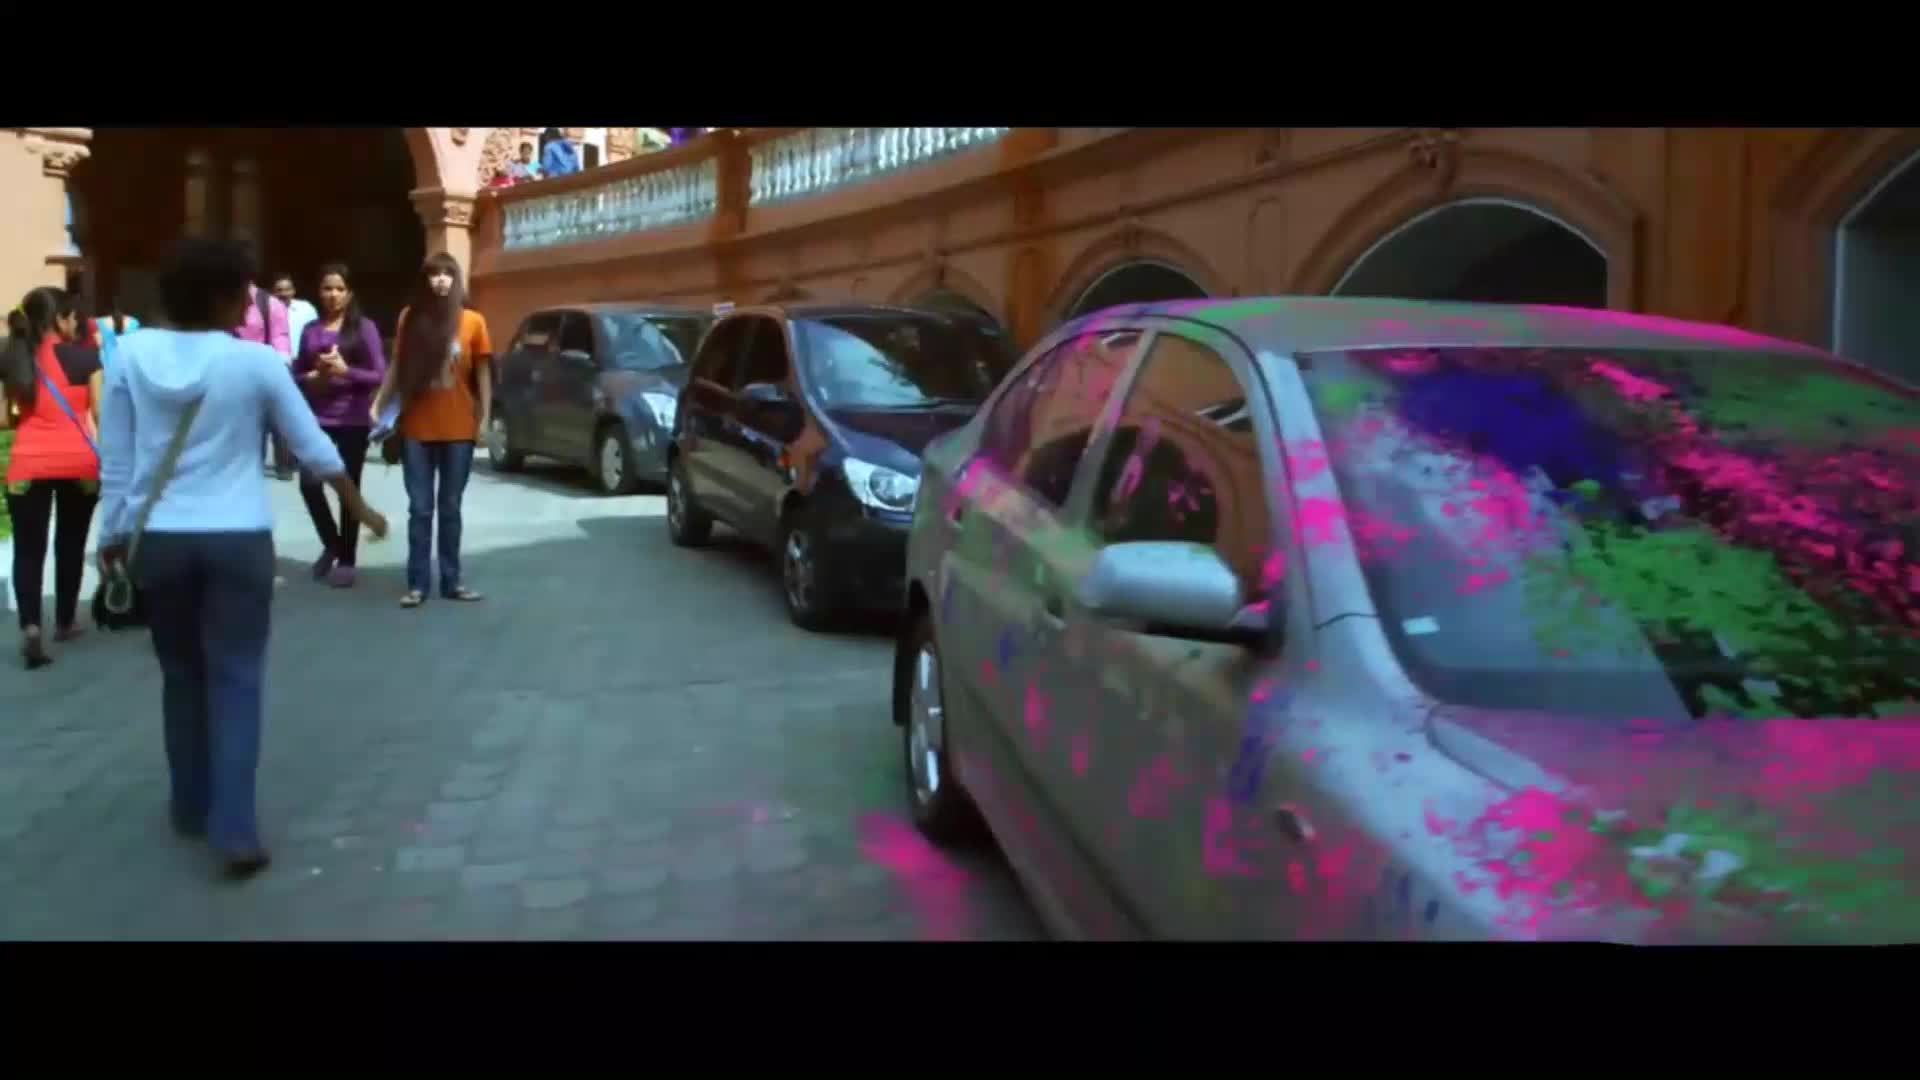 女孩放学看到车子被恶搞,男孩泼女孩一脸水,女孩微笑